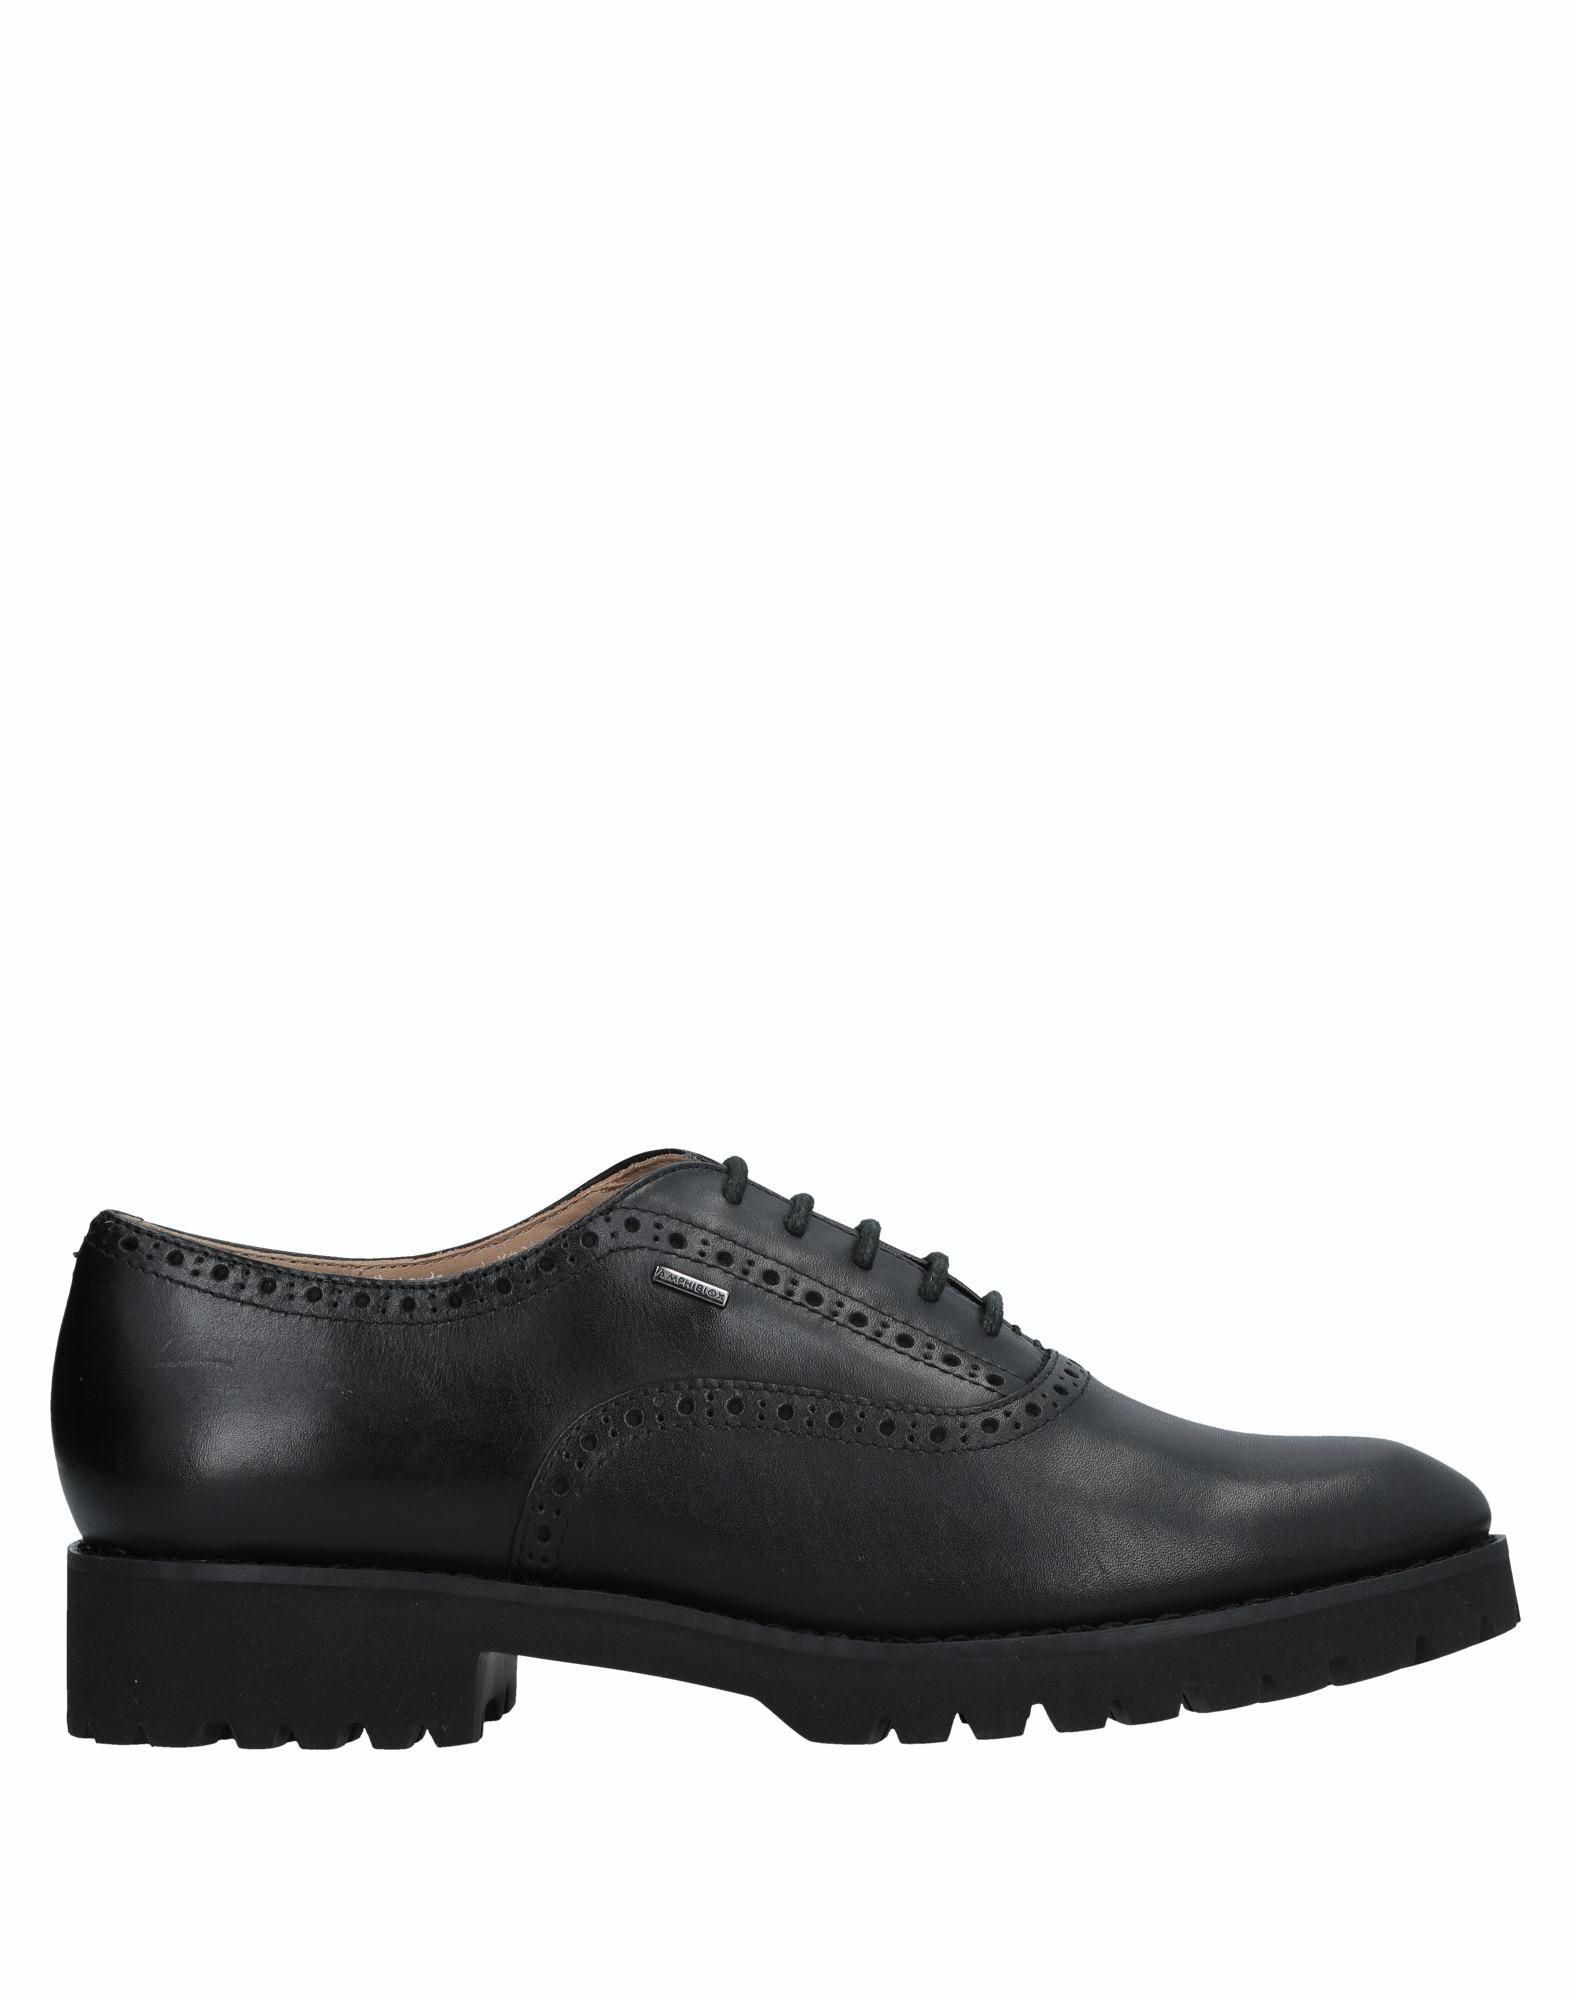 Los últimos zapatos de de zapatos descuento para hombres y mujeres Zapato De Cordones Geox Mujer - Zapatos De Cordones Geox  Negro 59ab33